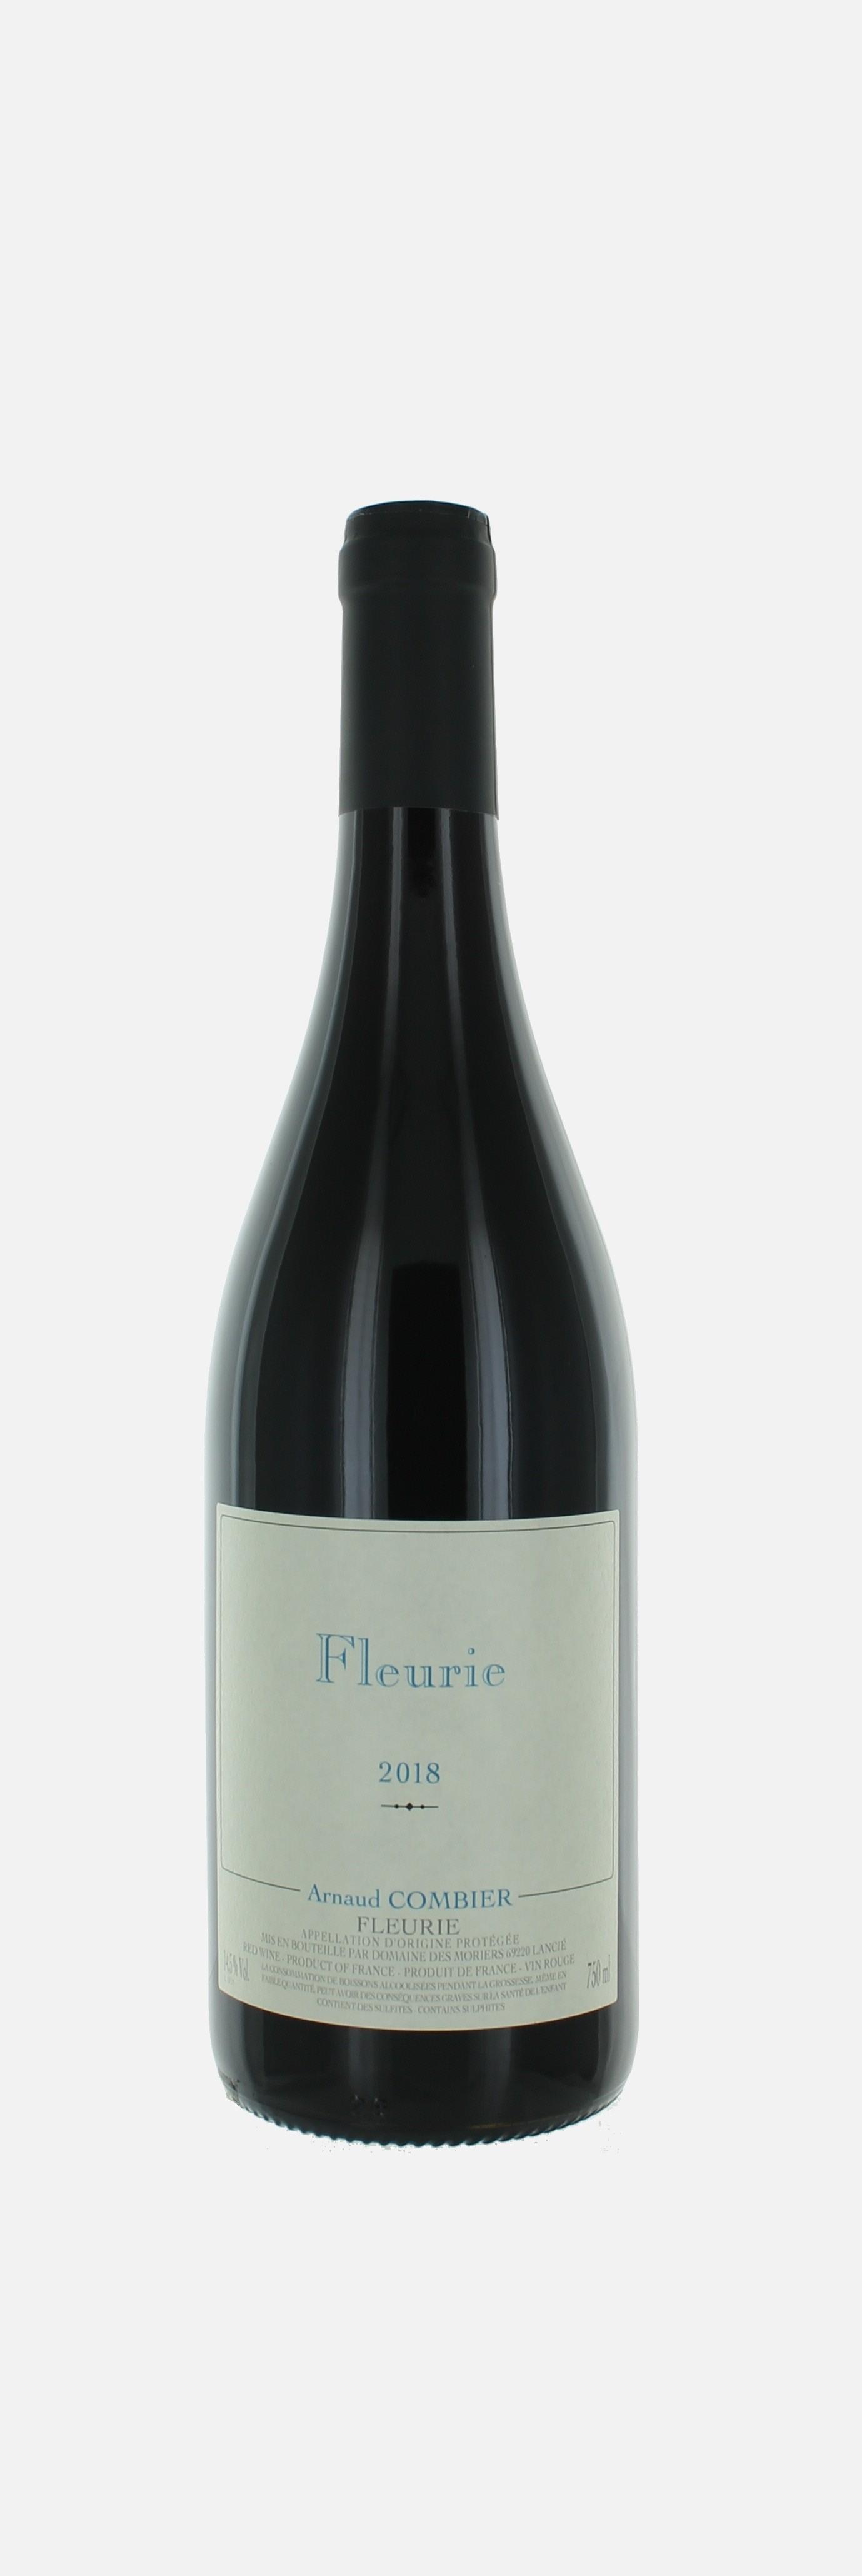 Fleurie, Beaujolais, Arnaud Combier